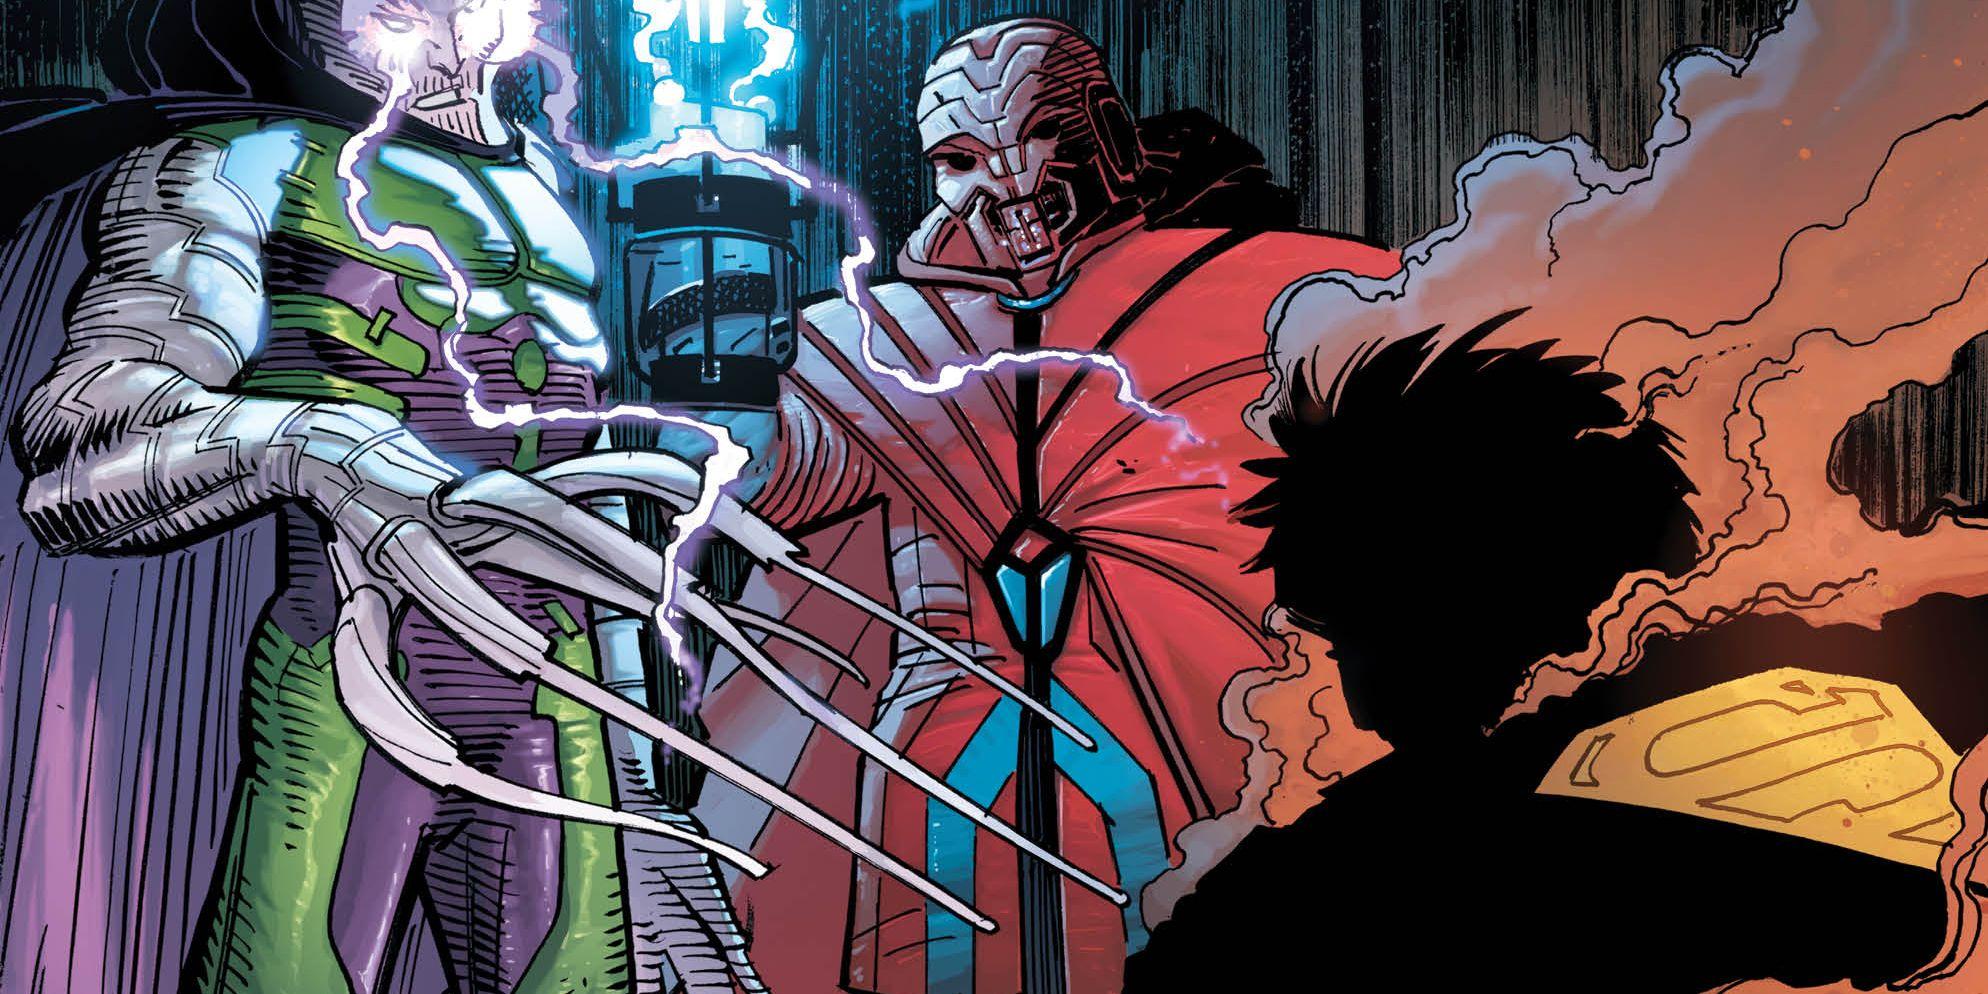 EXCLUSIVE: The Legion of Doom Recruits the DC Universe's Most Dangerous Villain